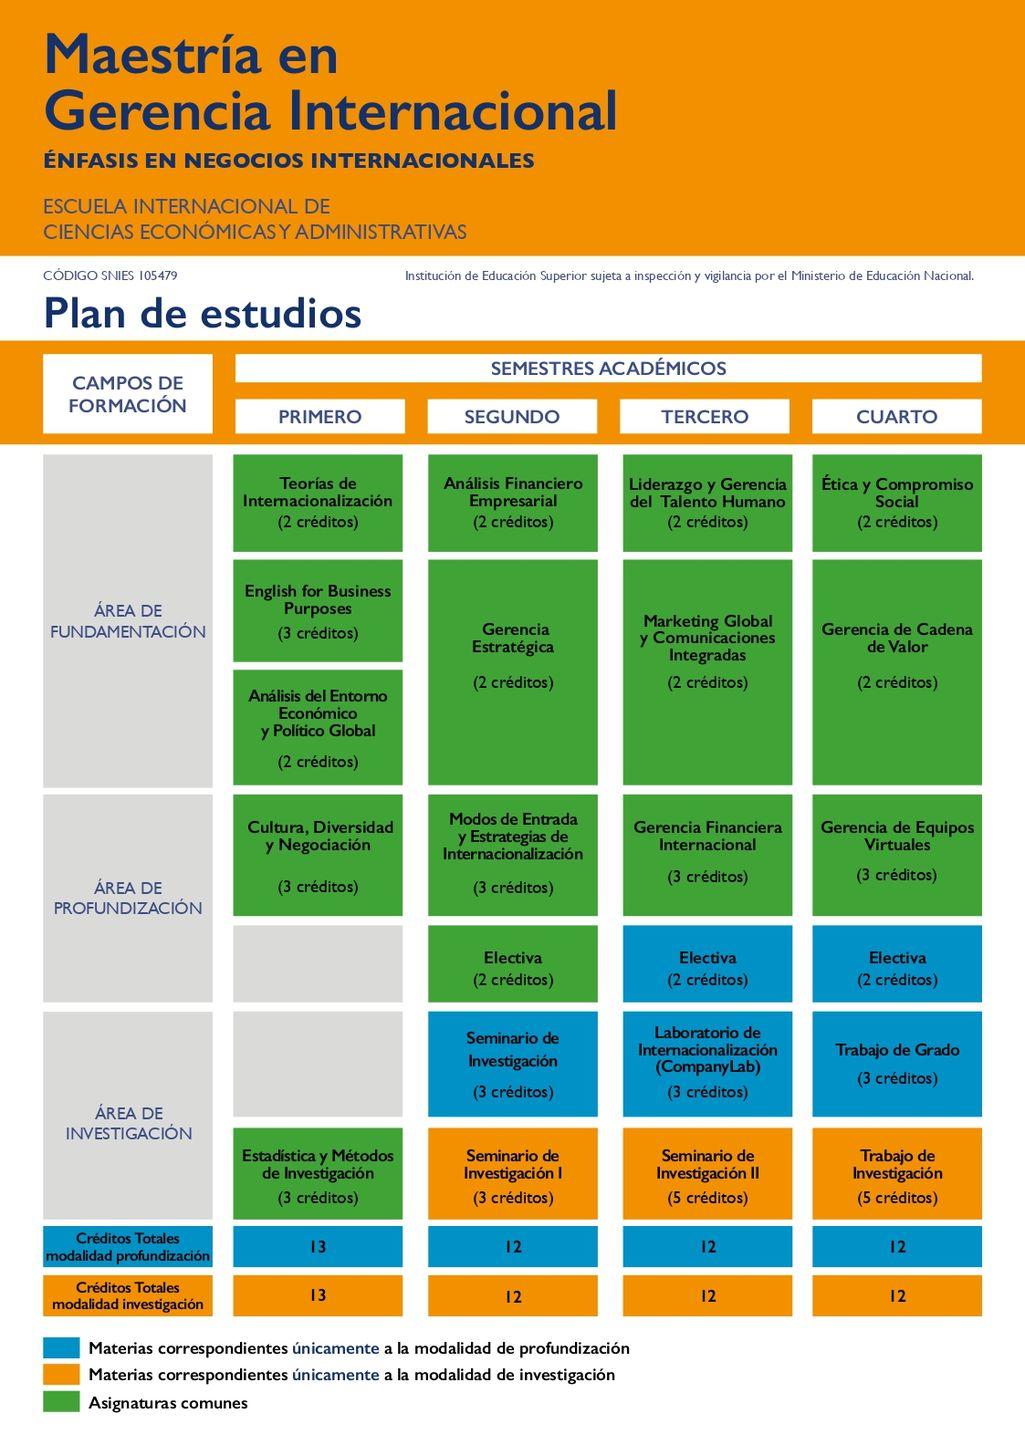 plan-de-estudios-negocios-internacional-maestria-gerencia-internacional-unisabana